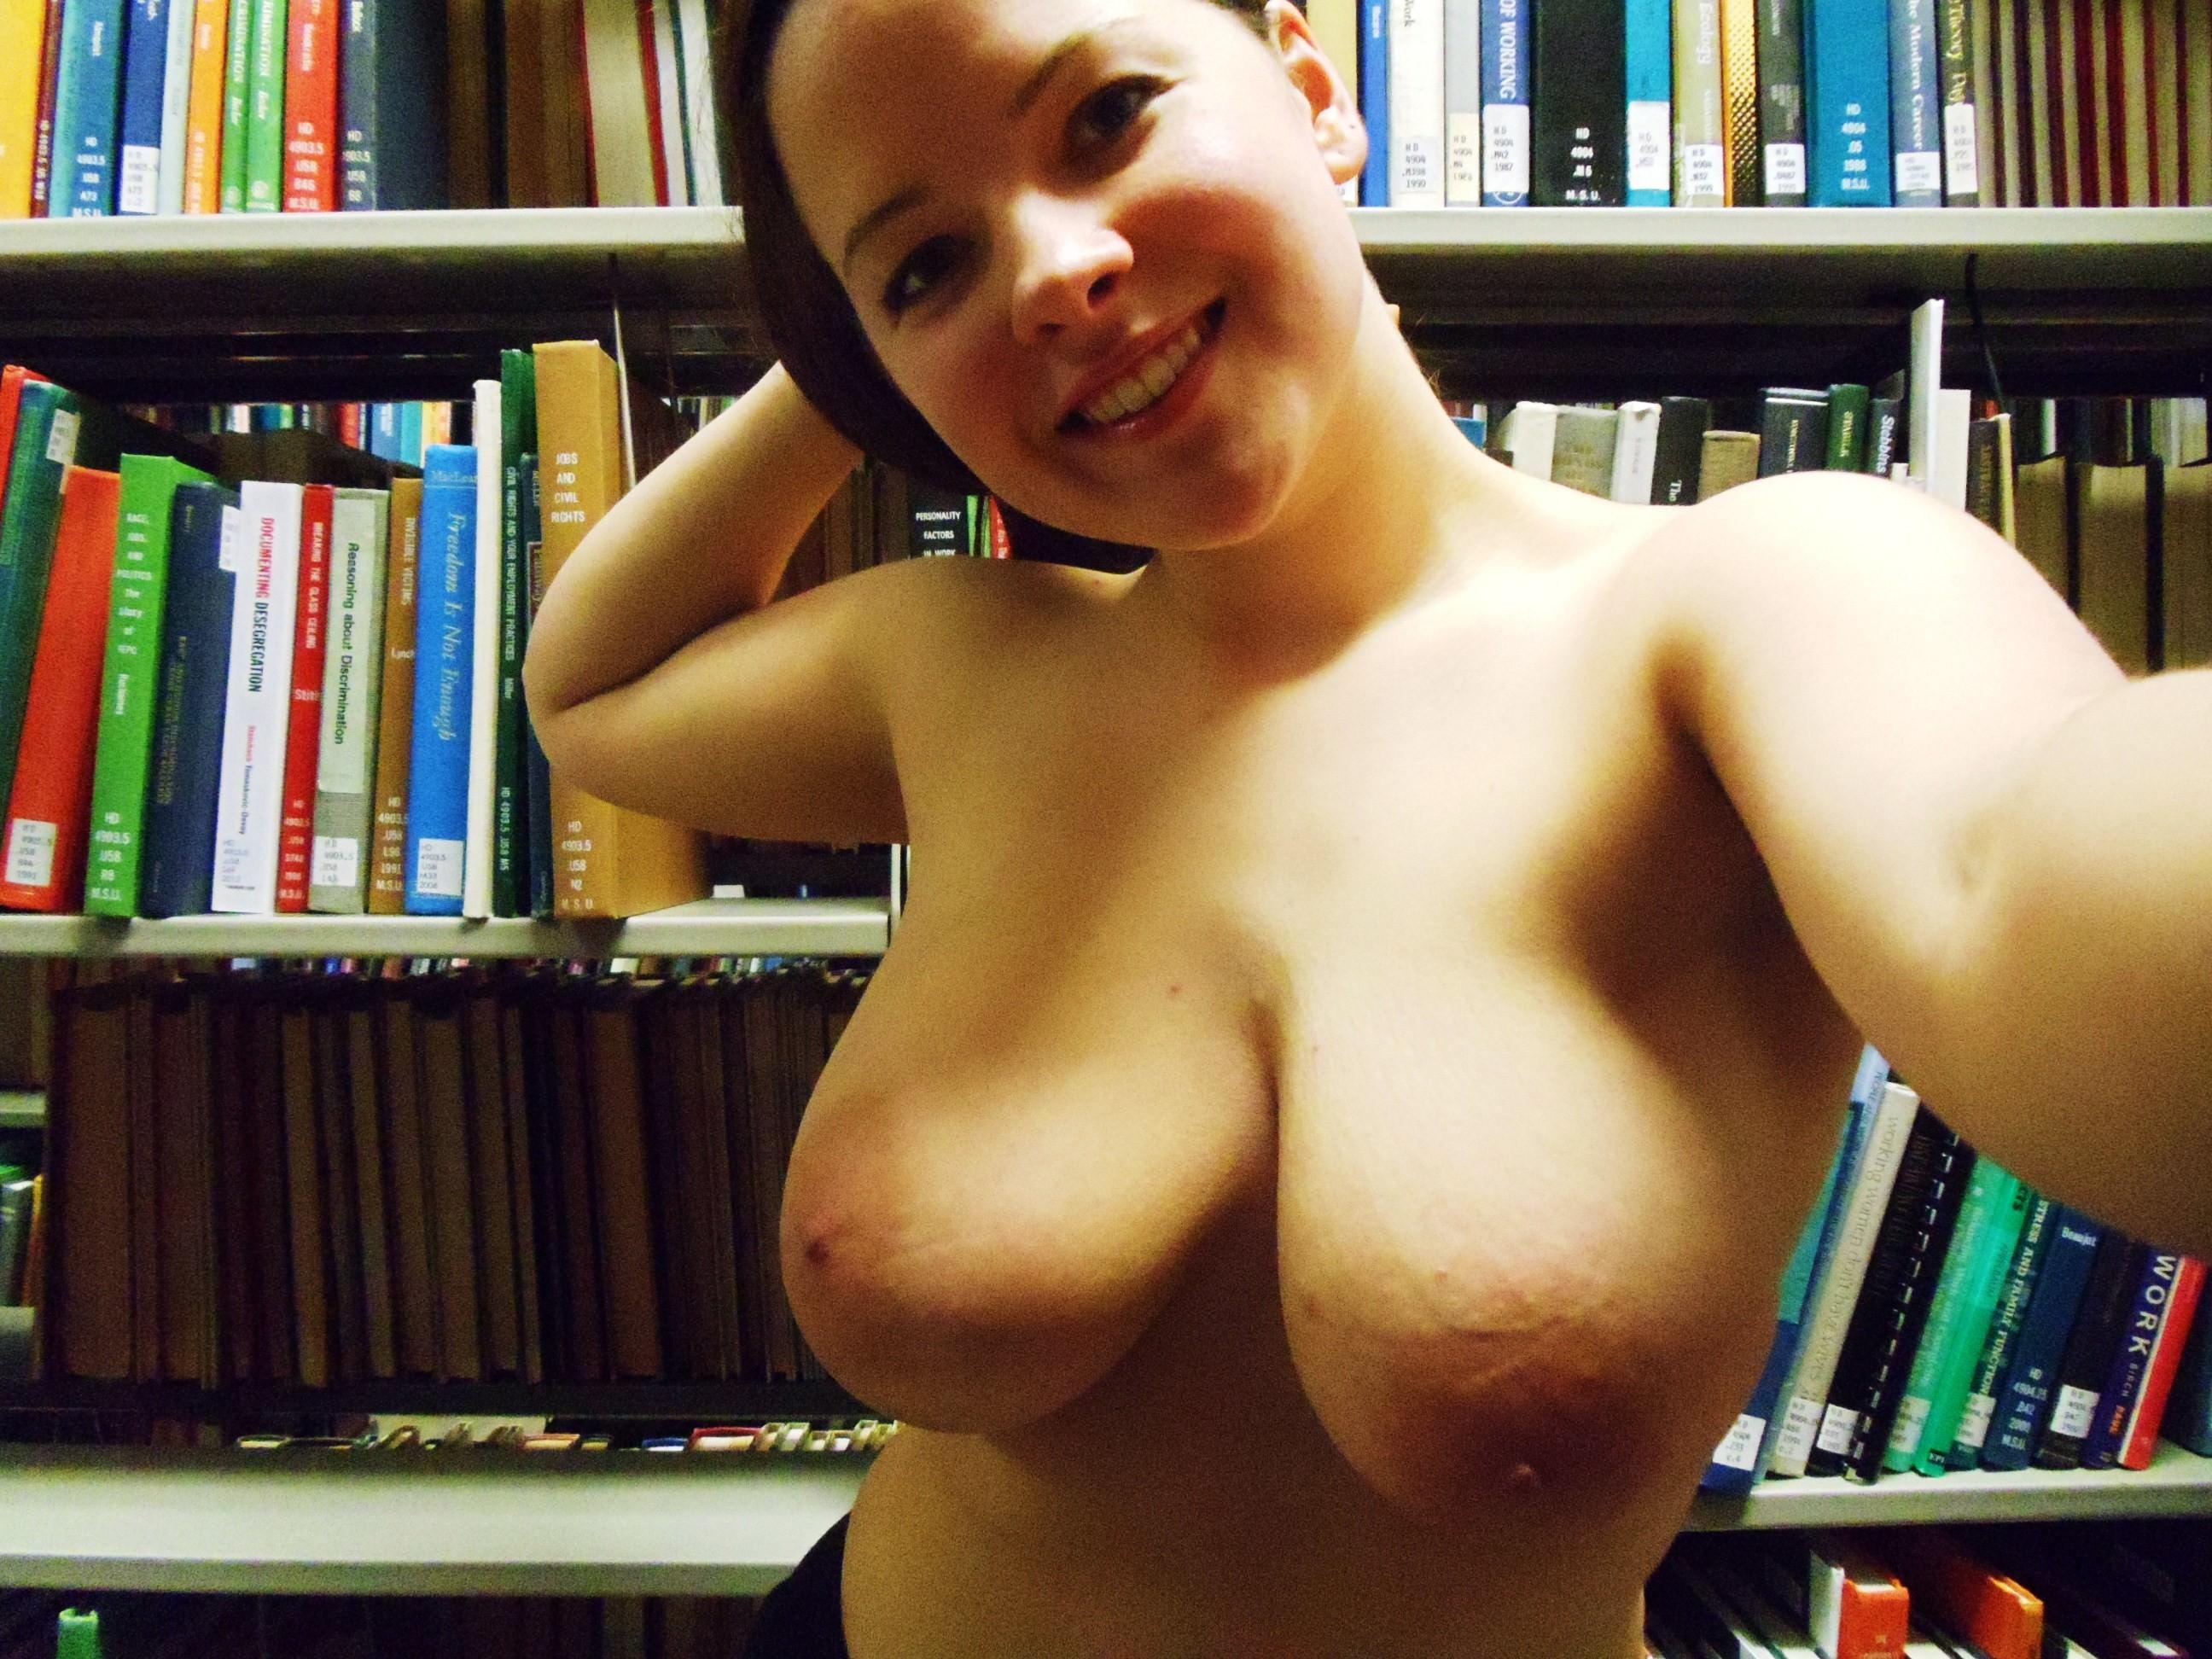 【朗報】図書館で露出ネキ、続出中wwwwwwwwwwwwwwwwwwwwwwwwwwwwwwwwww(画像あり)・25枚目